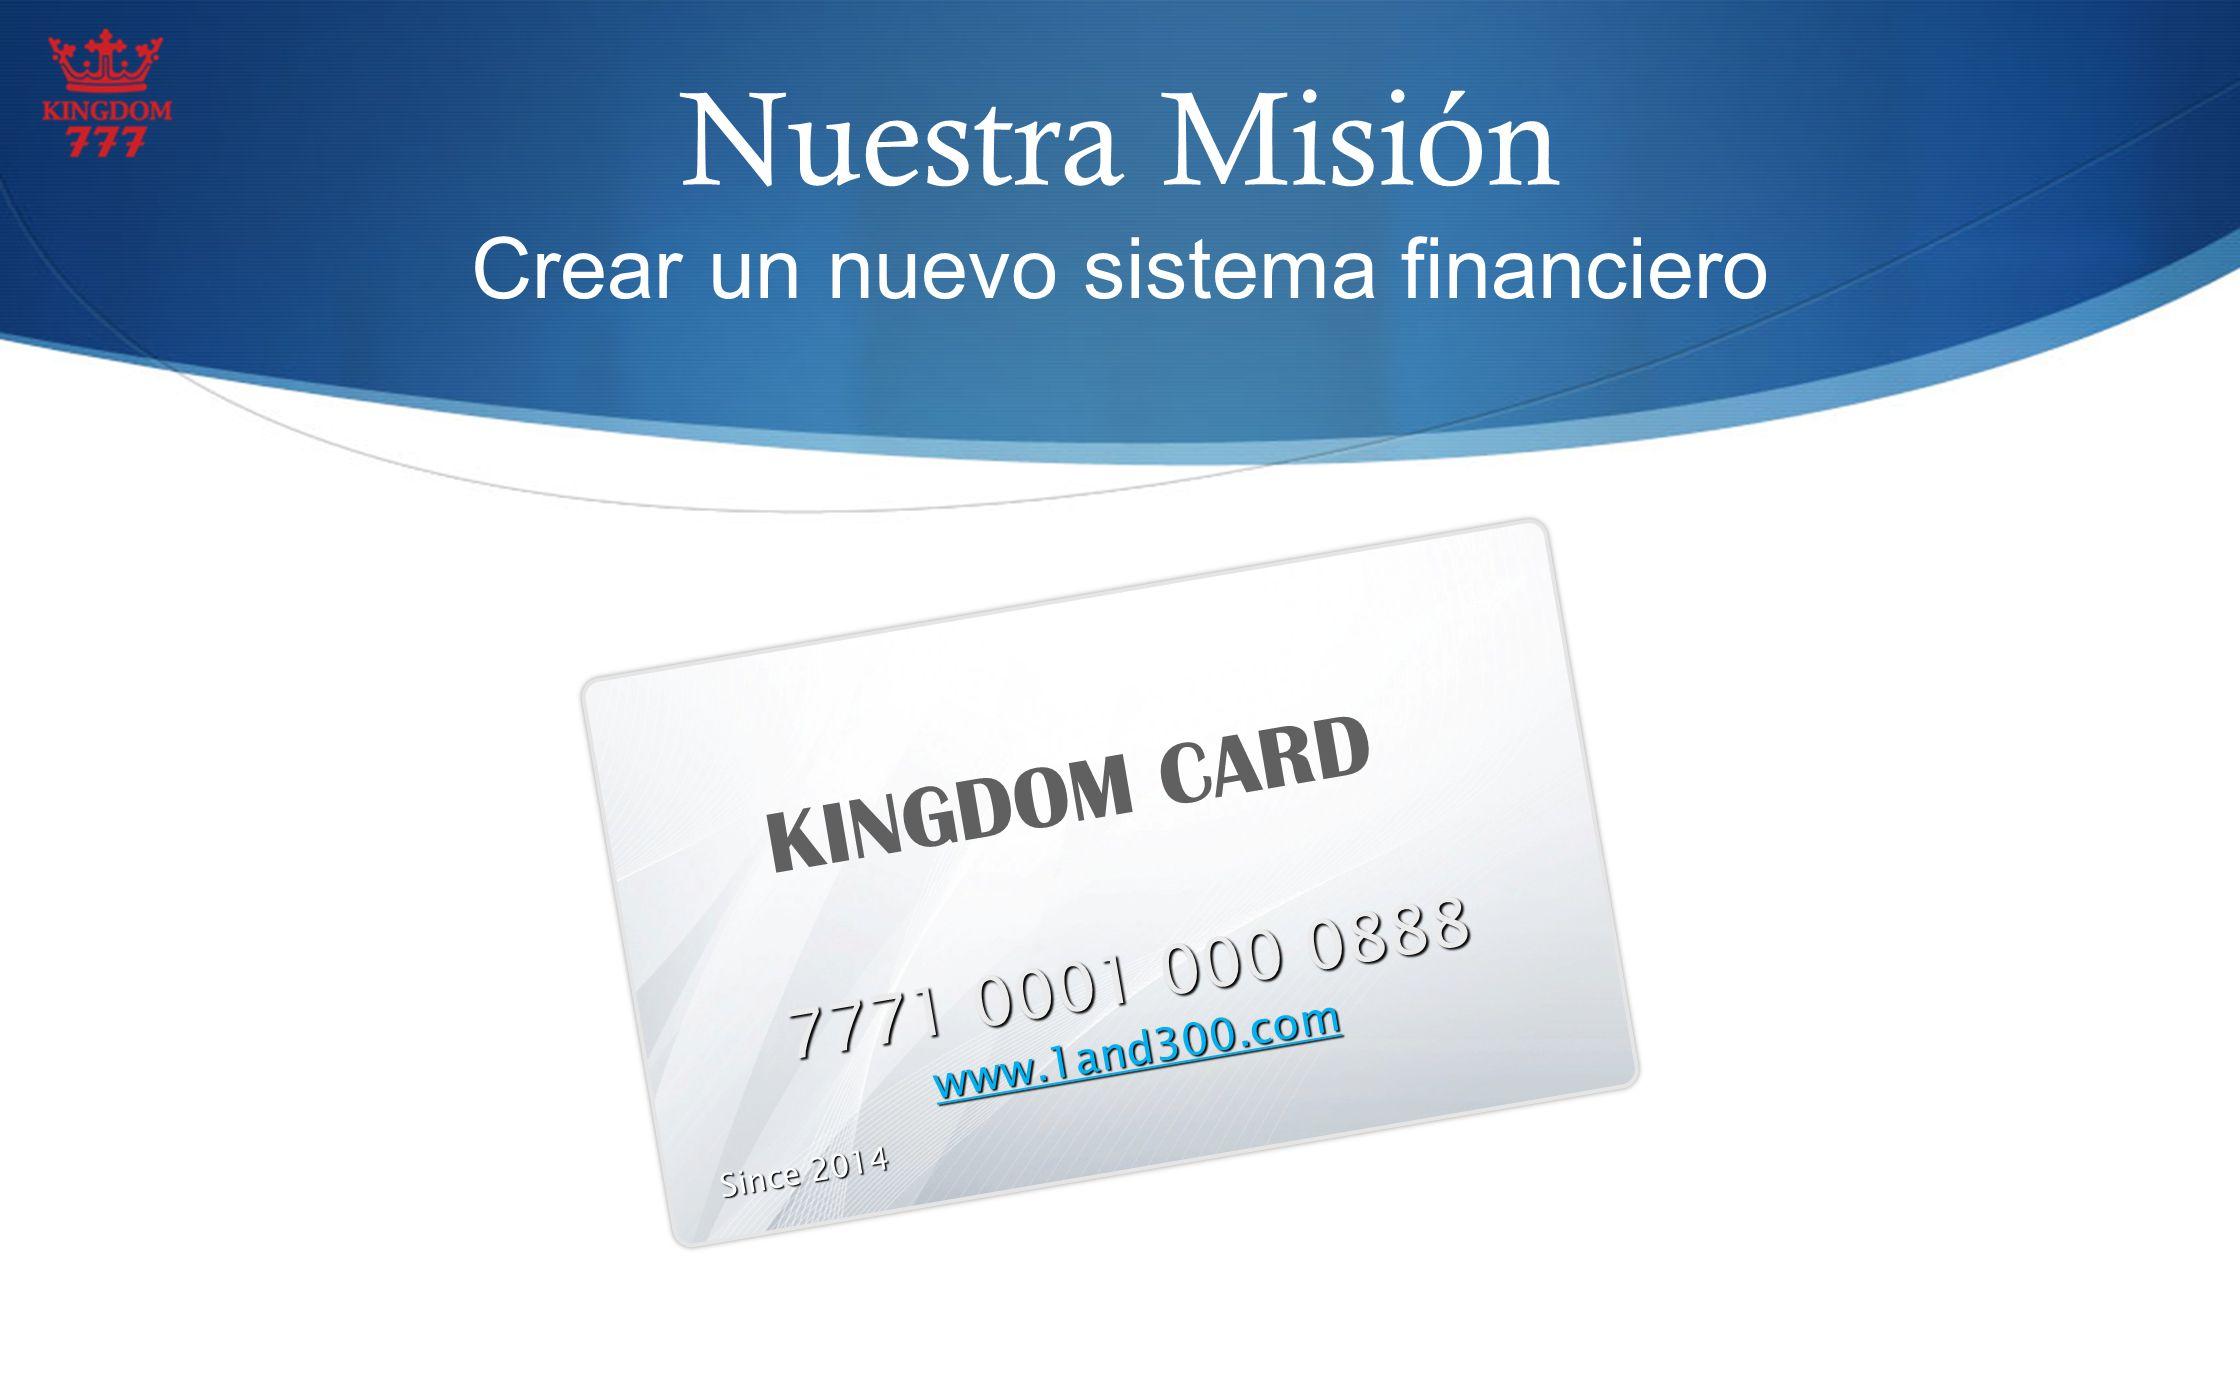 Nuestra Misión Crear un nuevo sistema financiero